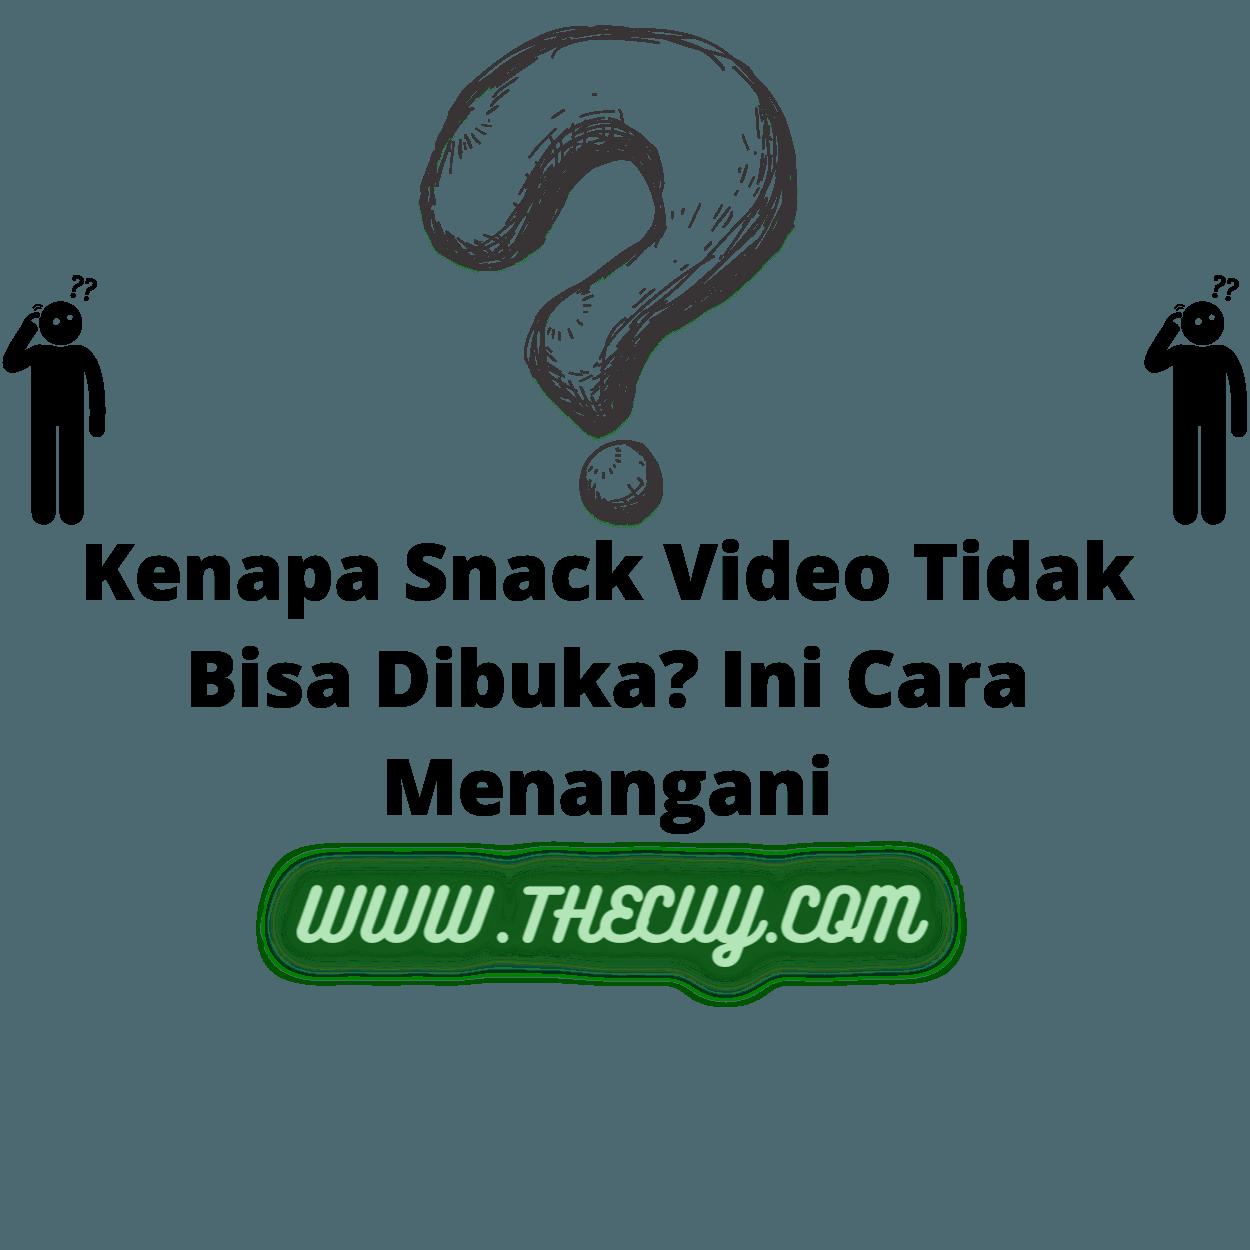 Kenapa Snack Video Tidak Bisa Dibuka? Ini Cara Menangani